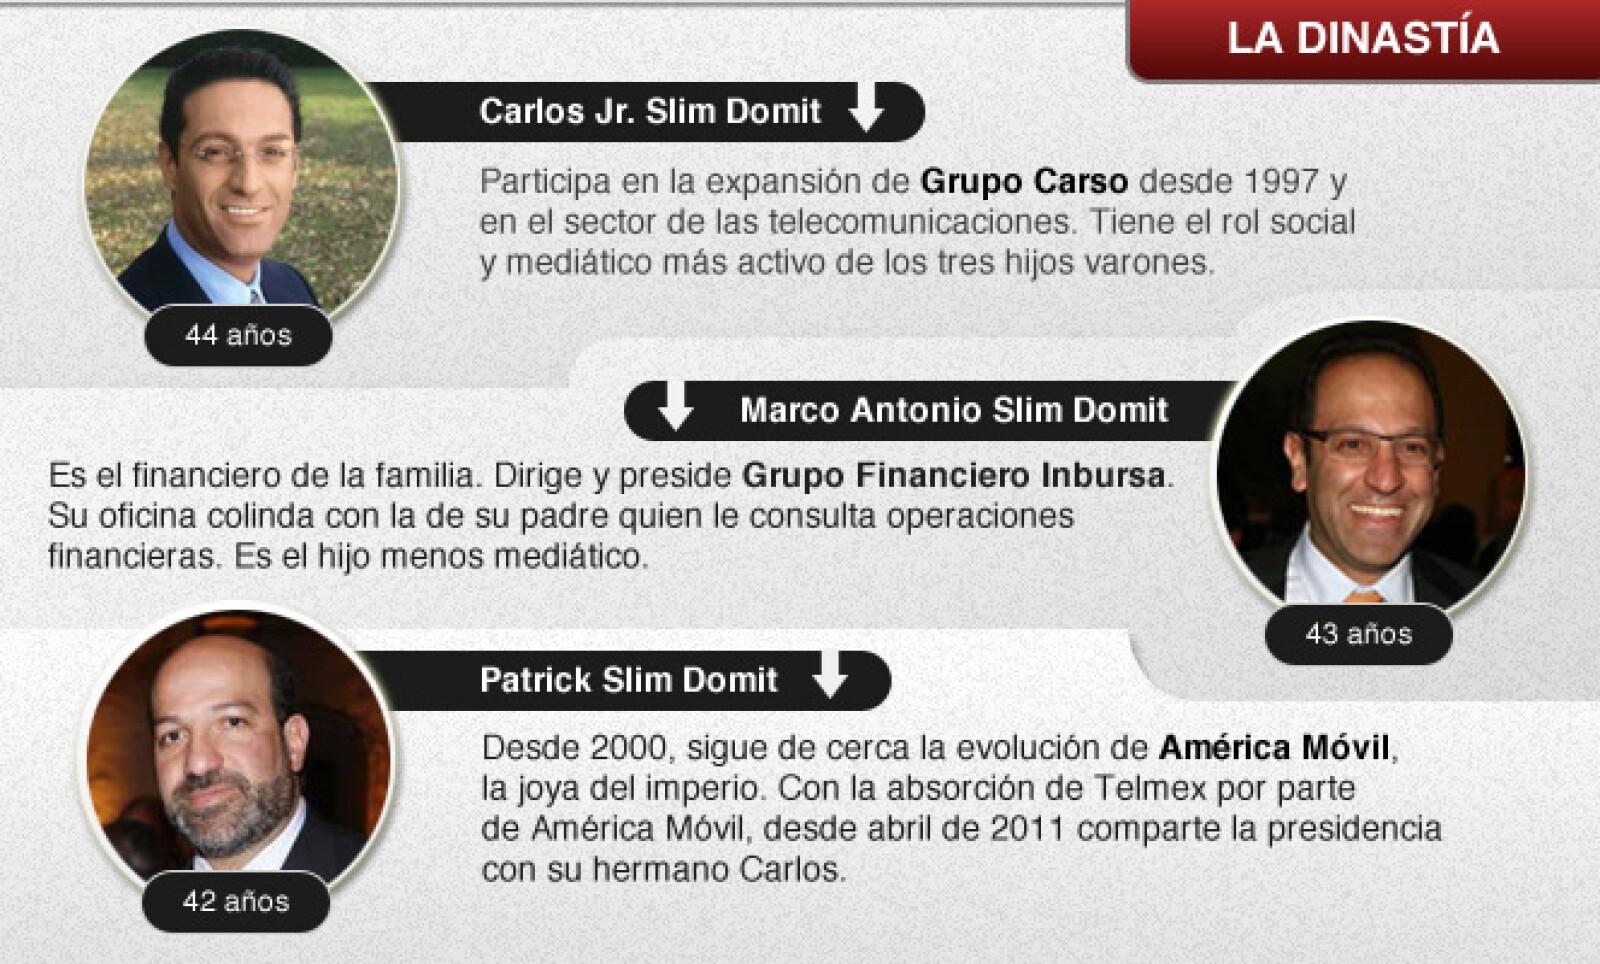 Desde hace 15 años, Carlos Slim Helú ha construido su relevo generacional y ha puesto a la cabeza de sus firmas más importantes a sus tres hijos varones: Carlos, Marco Antonio y Patrick.